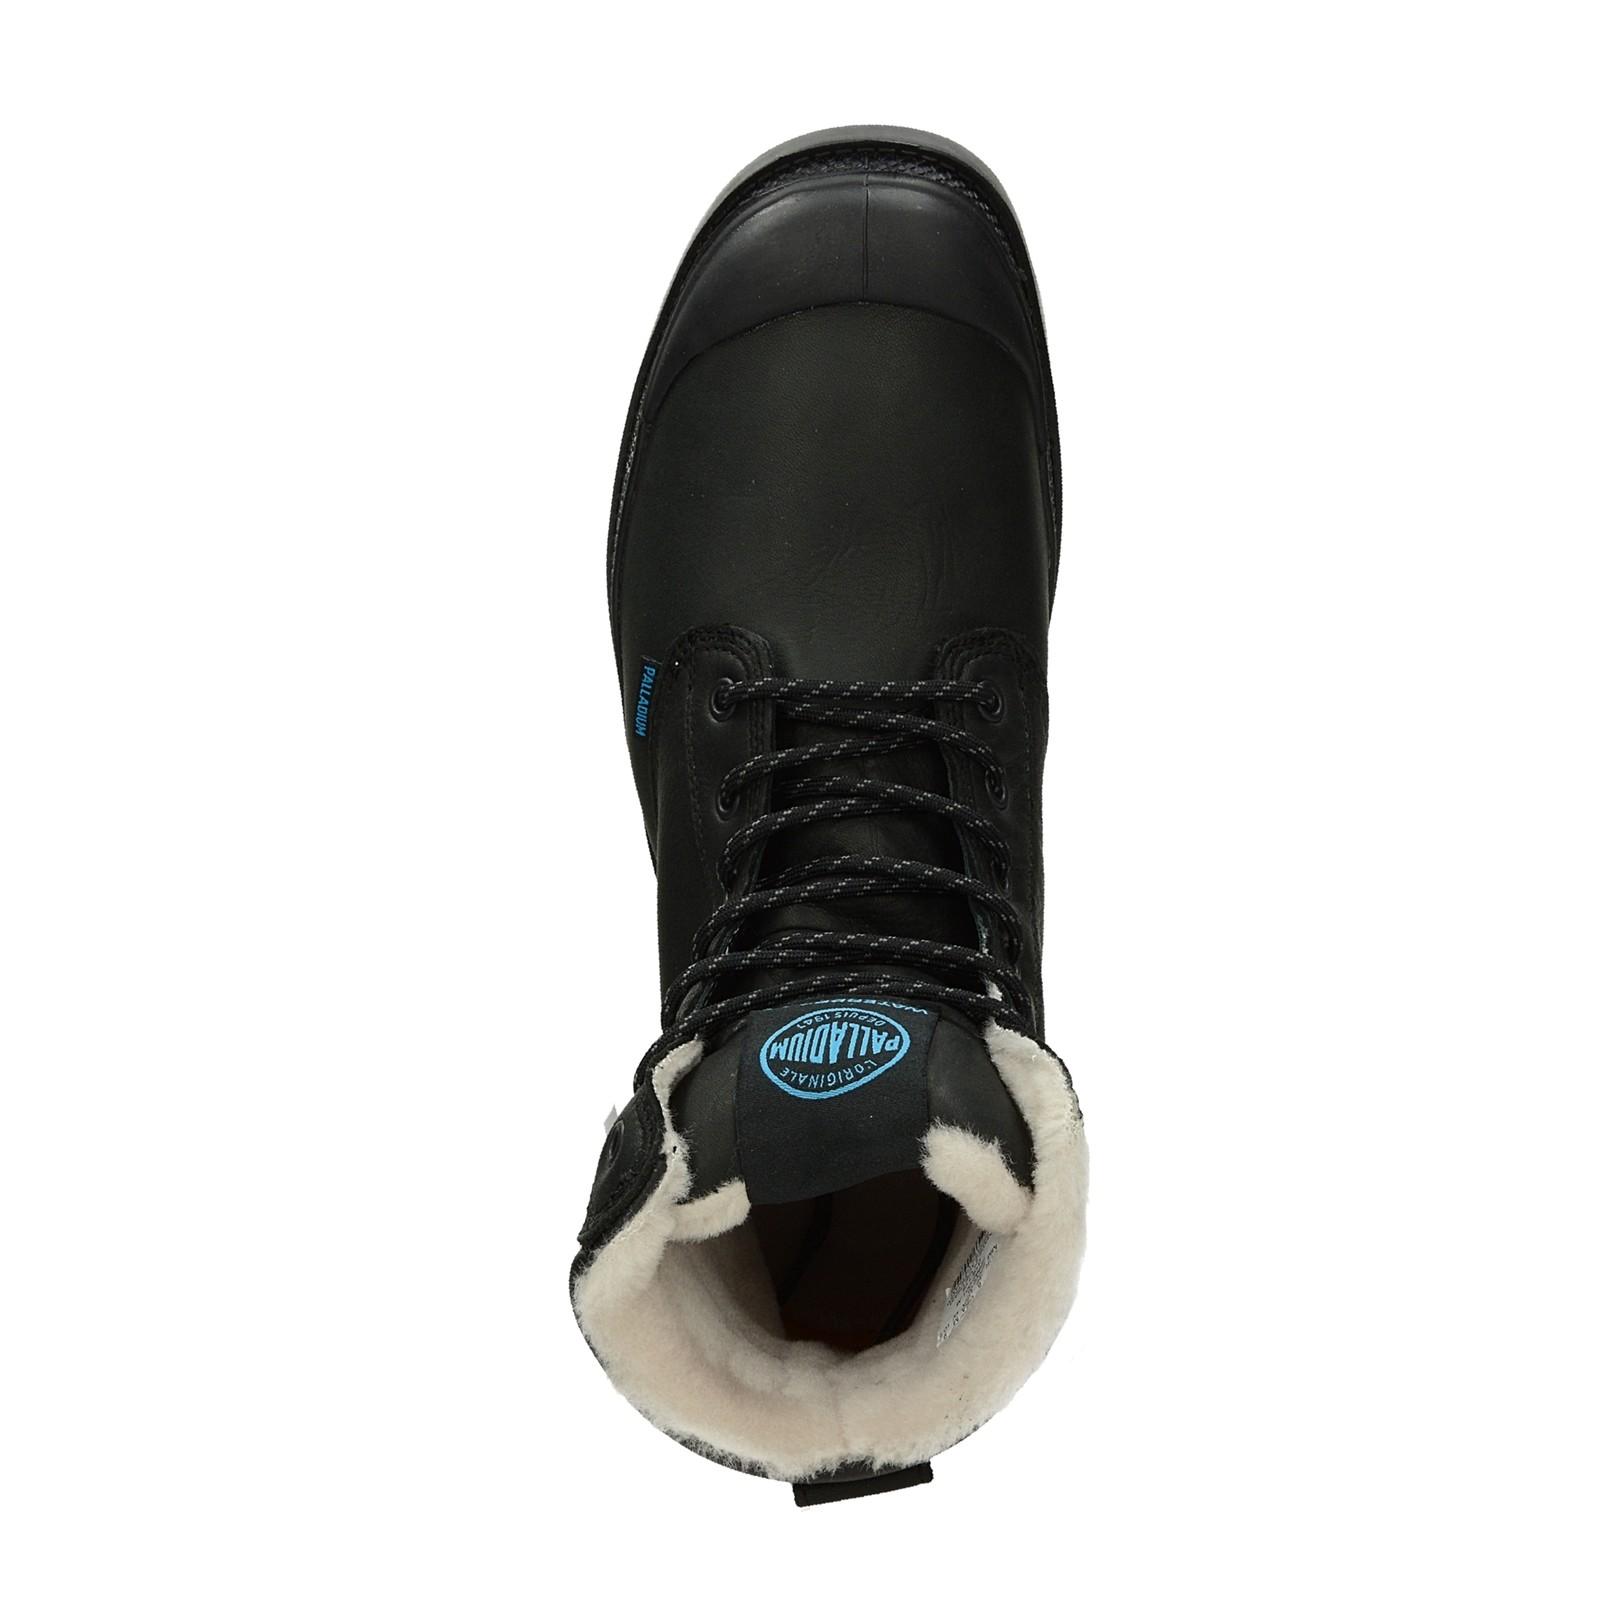 Palladium pánská stylová kotníková obuv - černá